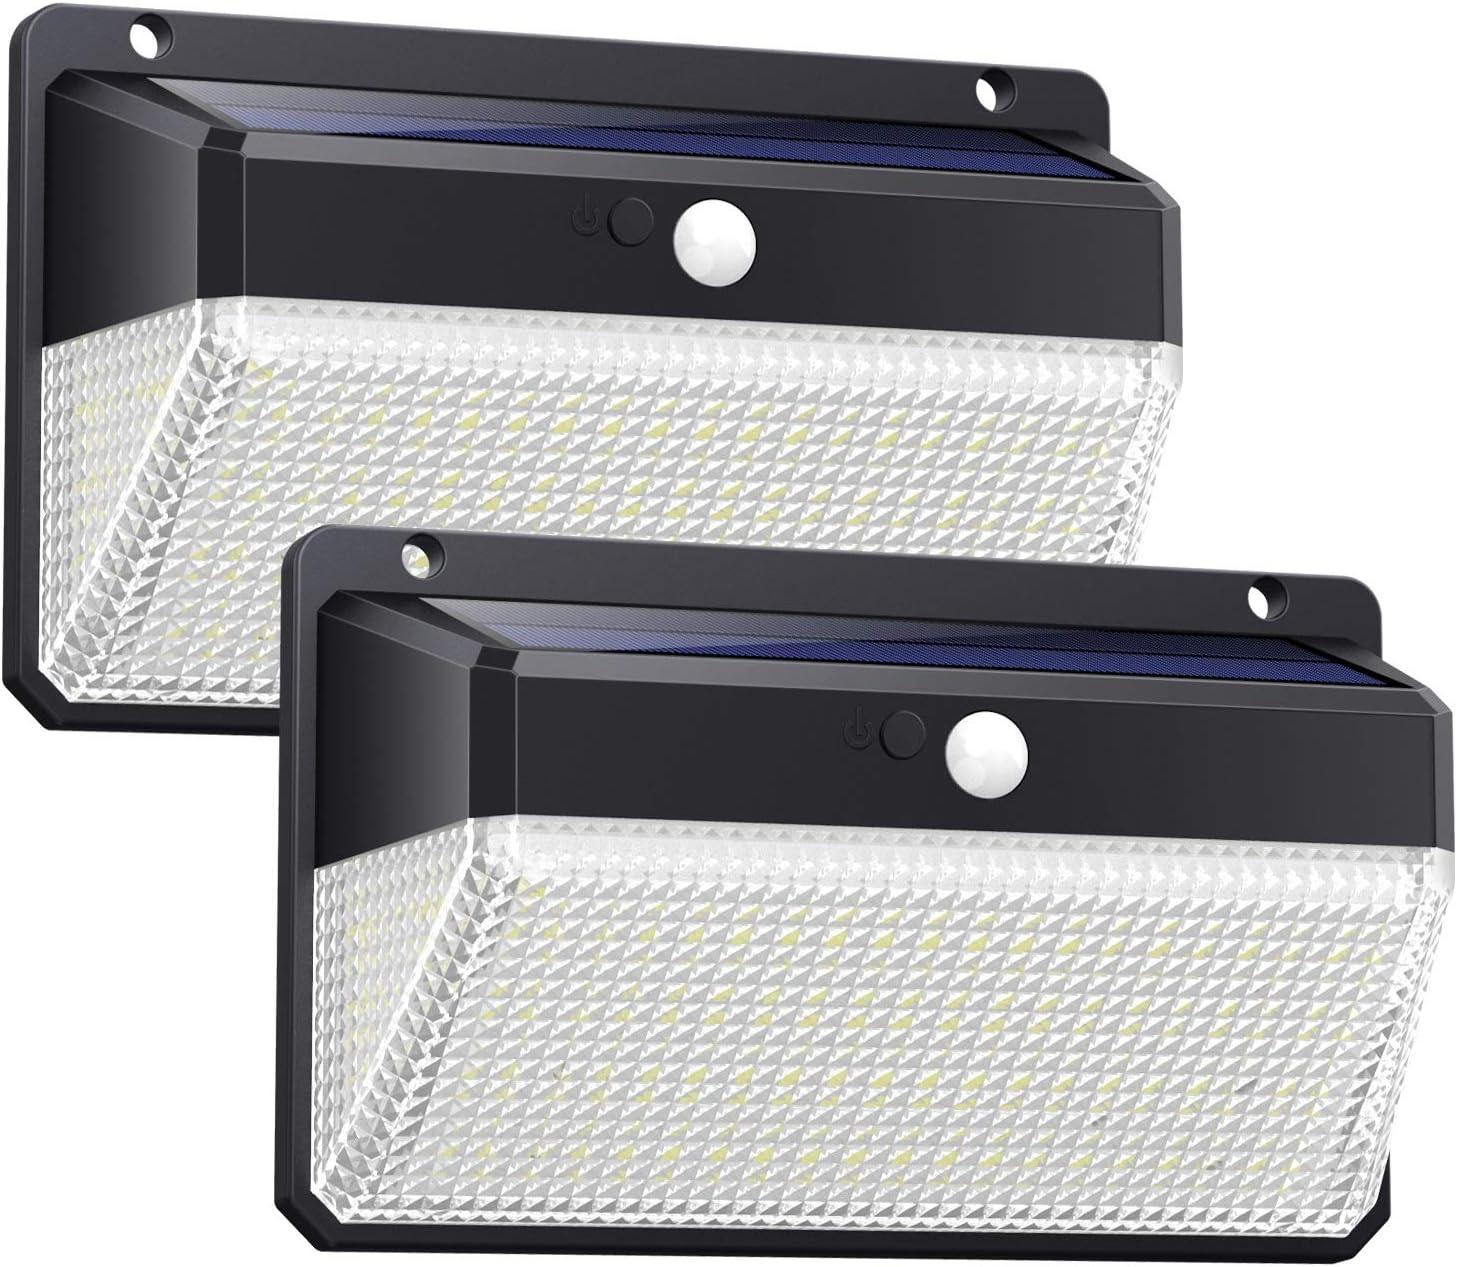 Ekrist Luz Solar Exterior 328 LED Luces Solares【3000lm-más Brillante & Amplio Iluminación】Foco Solar Exterior con Sensor de Movimiento 2500mAh 3 Modos